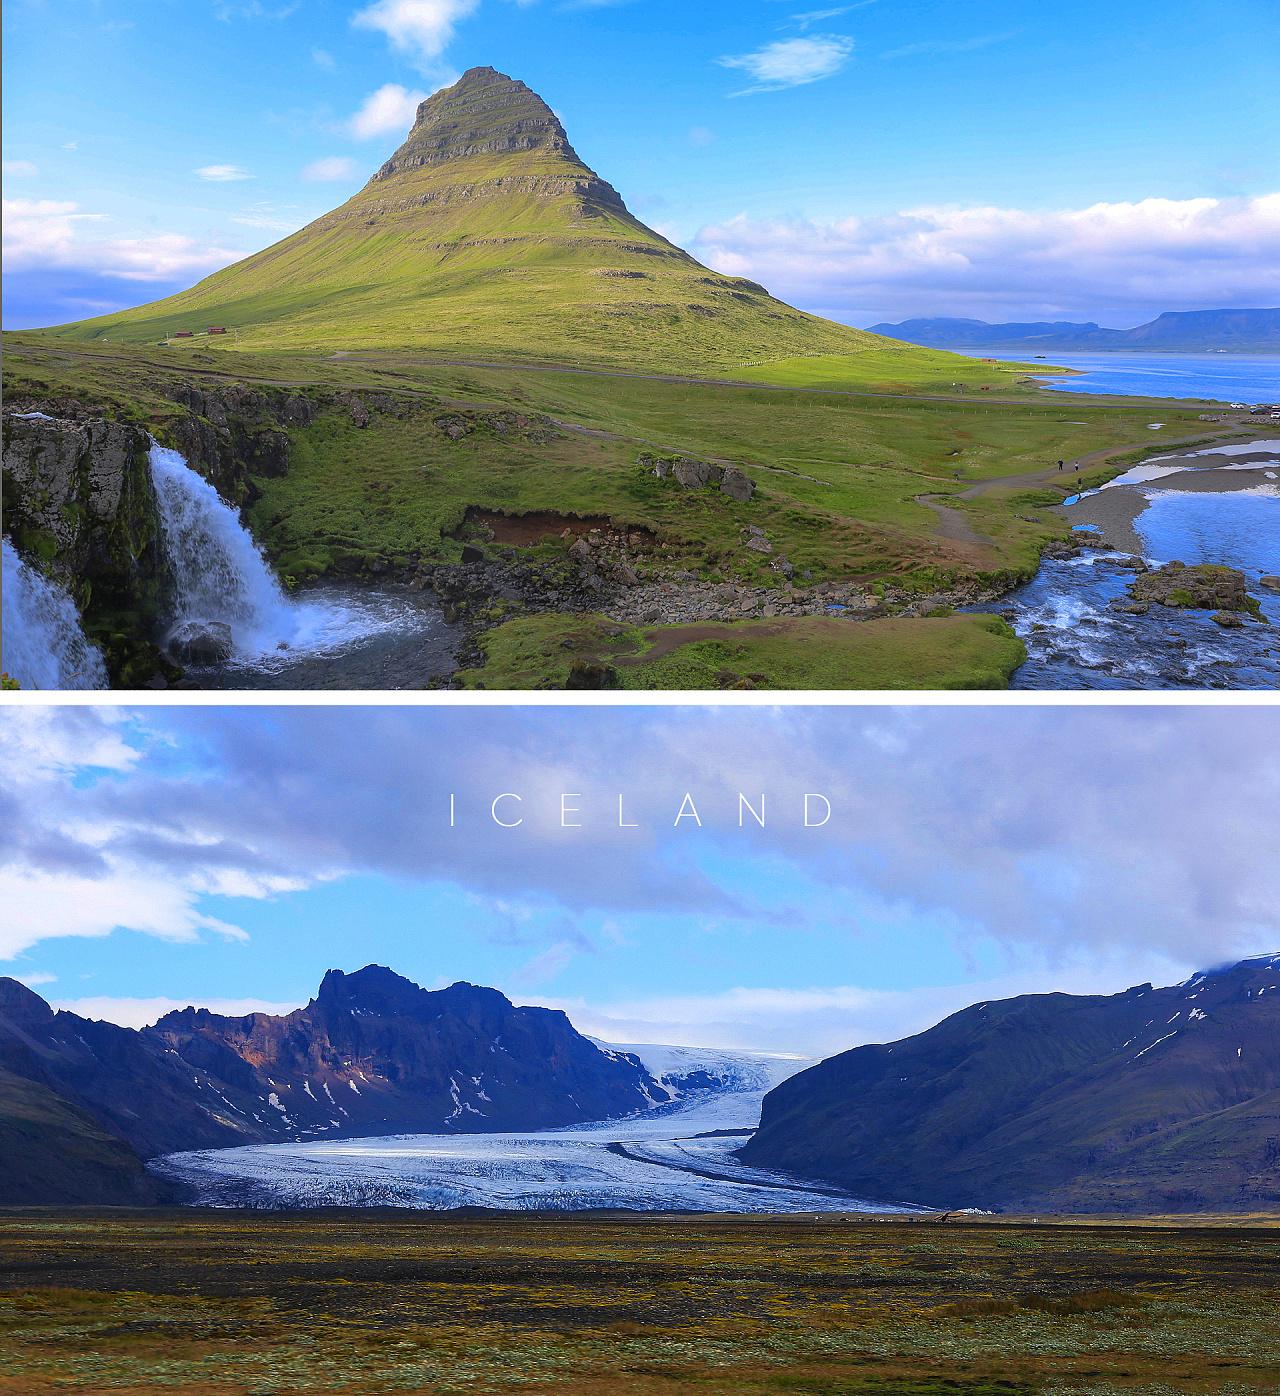 冰岛图片风景大全